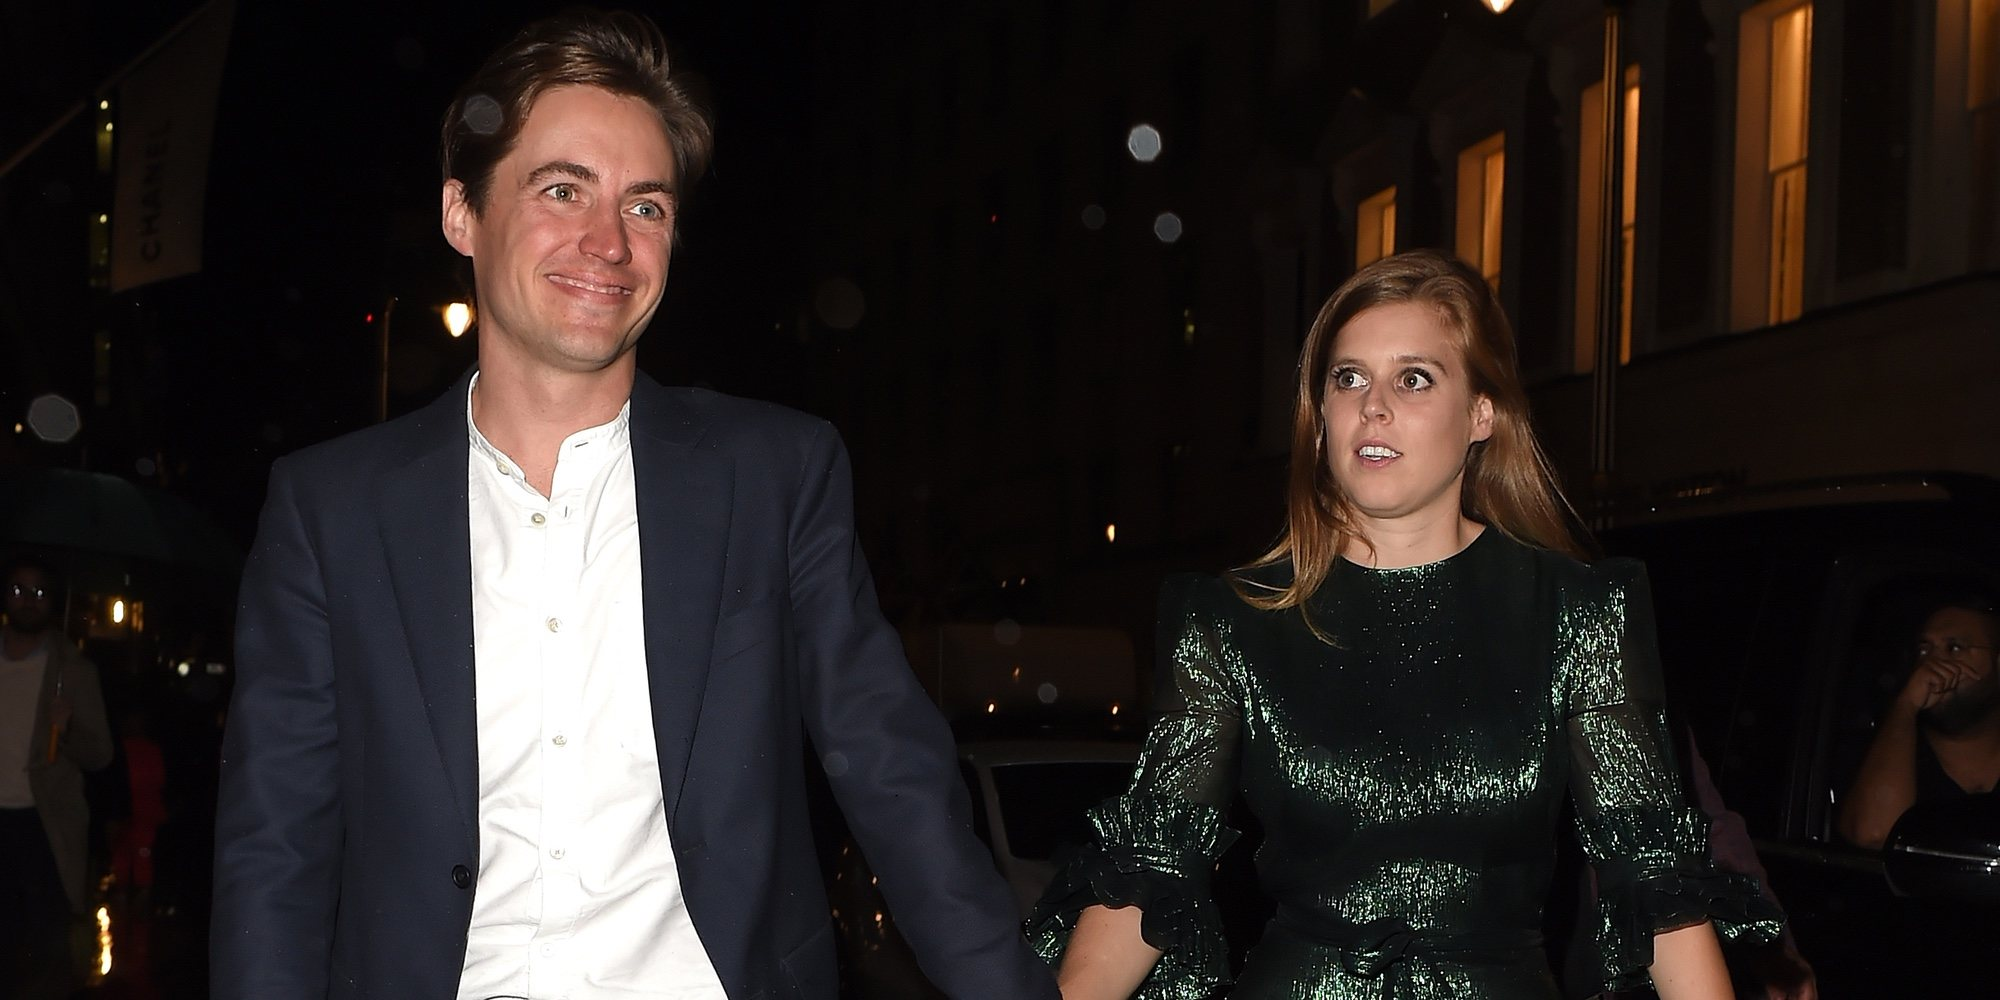 La Princesa Beatriz de York y Edoardo Mapelli Mozzi reaparecen en una fiesta tras el anuncio de su compromiso